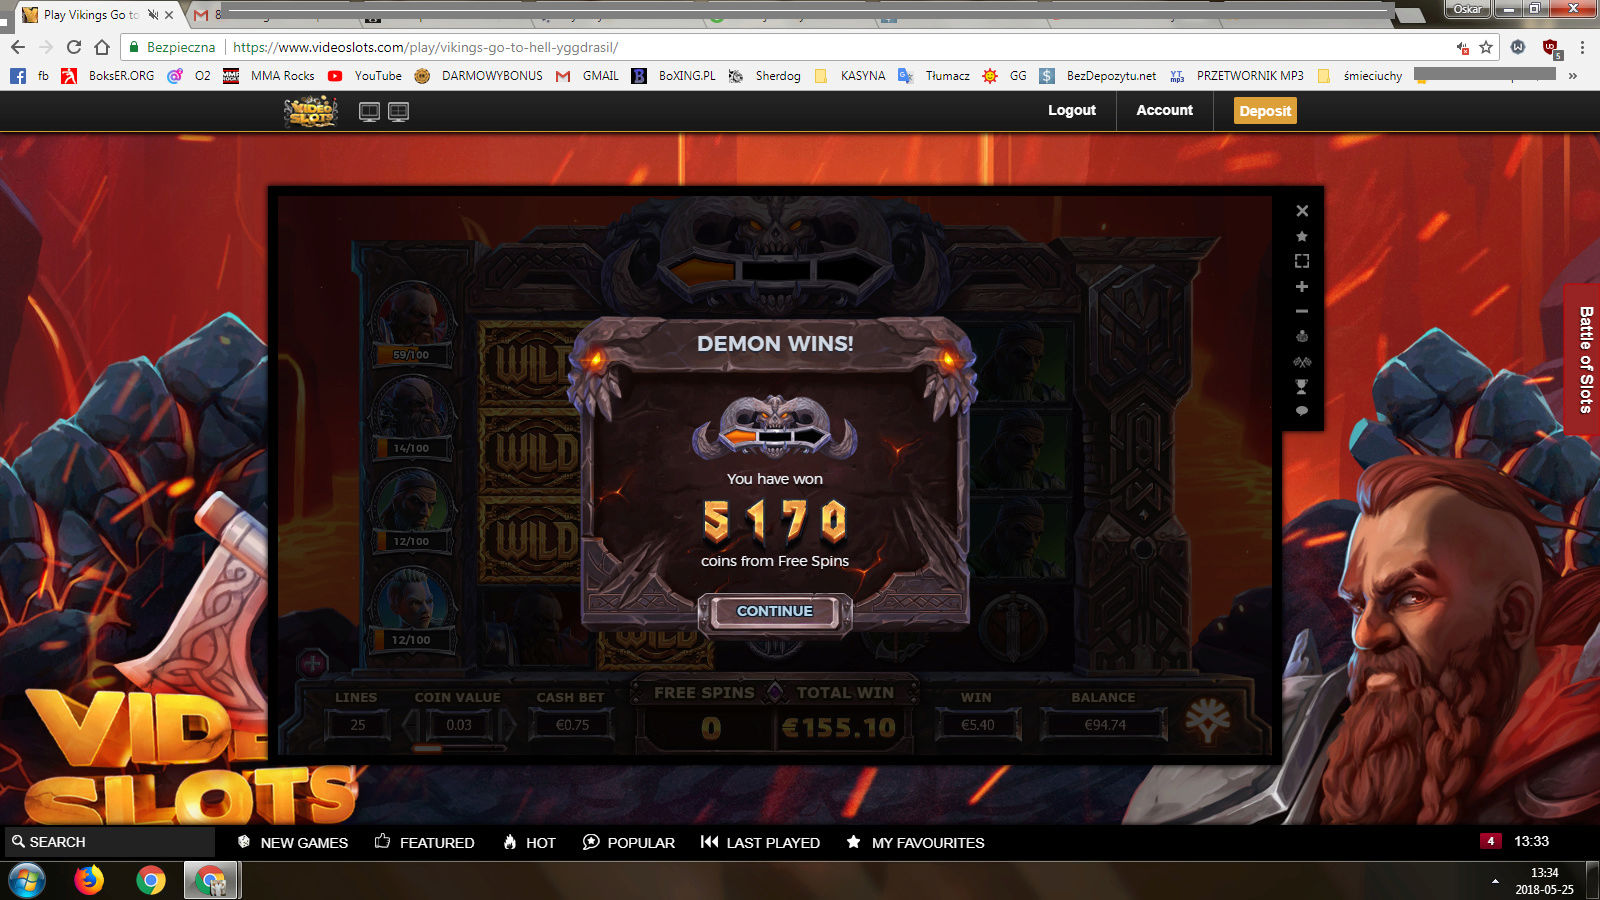 Screenshoty naszych wygranych (minimum 200zł - 50 euro) - kasyno - Page 8 Viking11